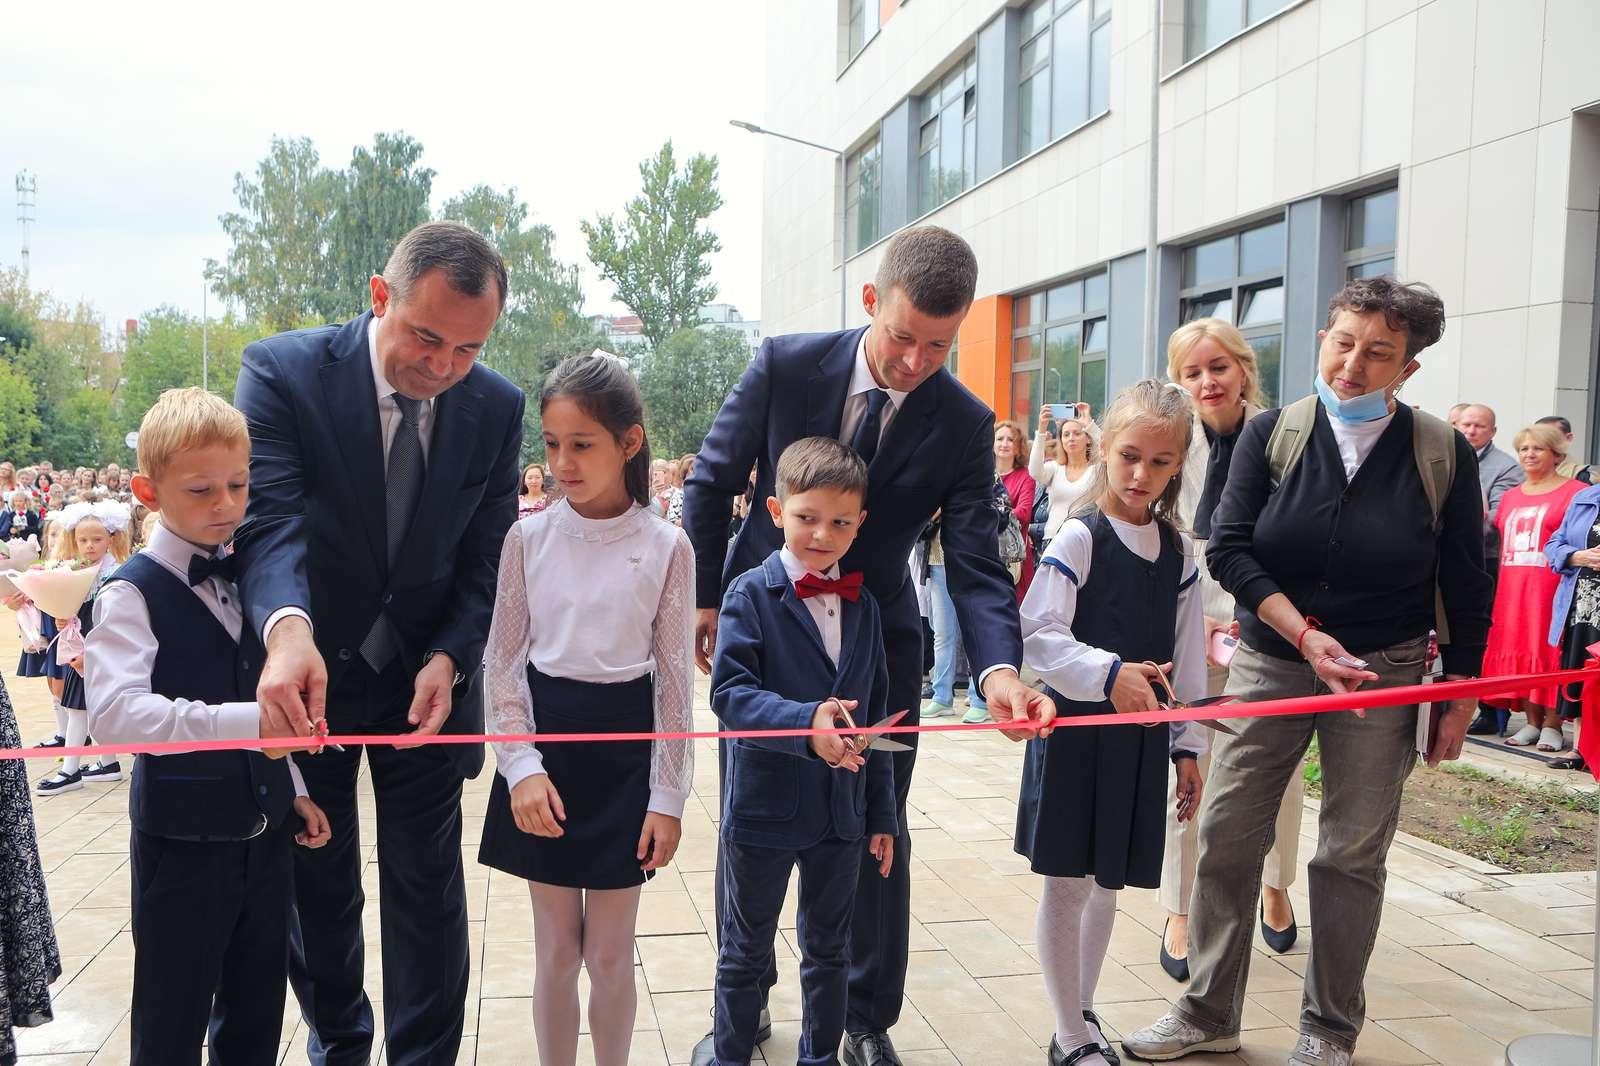 Школу на 1,1 тысячи мест открыли в Балашихе в День знаний | Изображение 1